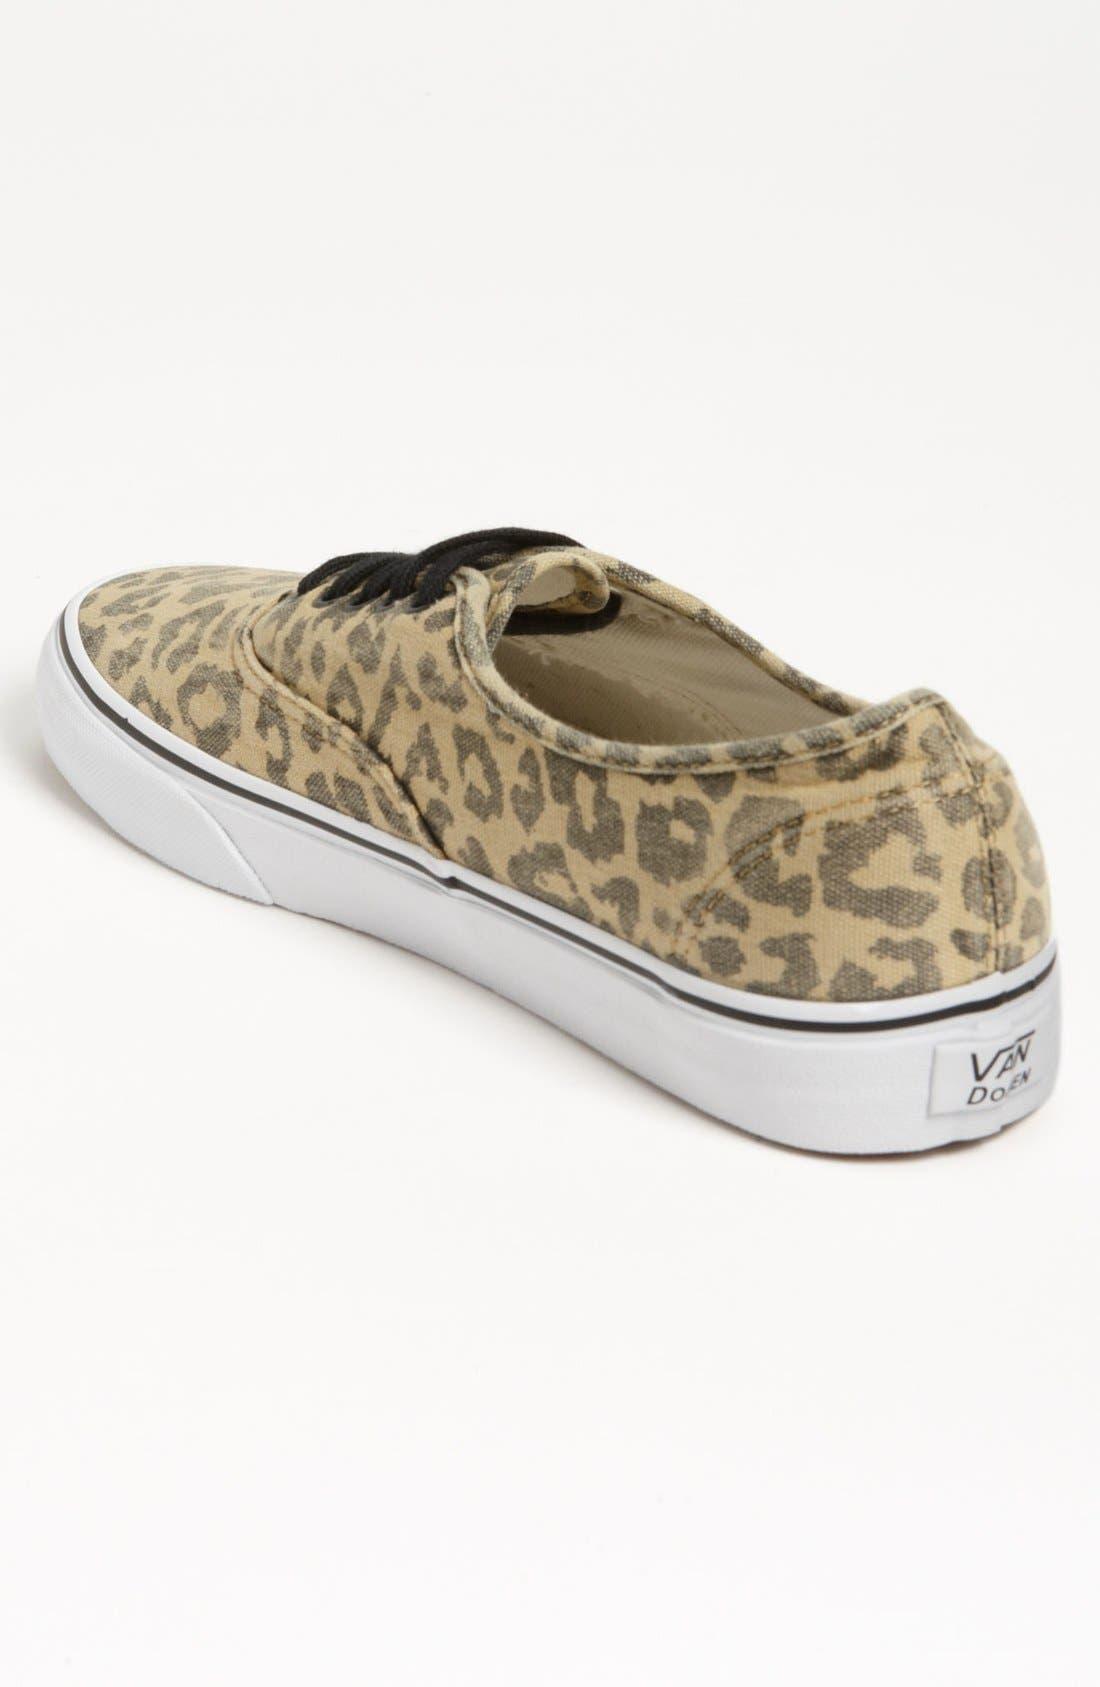 VANS,                             'Van Doren - Authentic' Sneaker,                             Alternate thumbnail 2, color,                             001